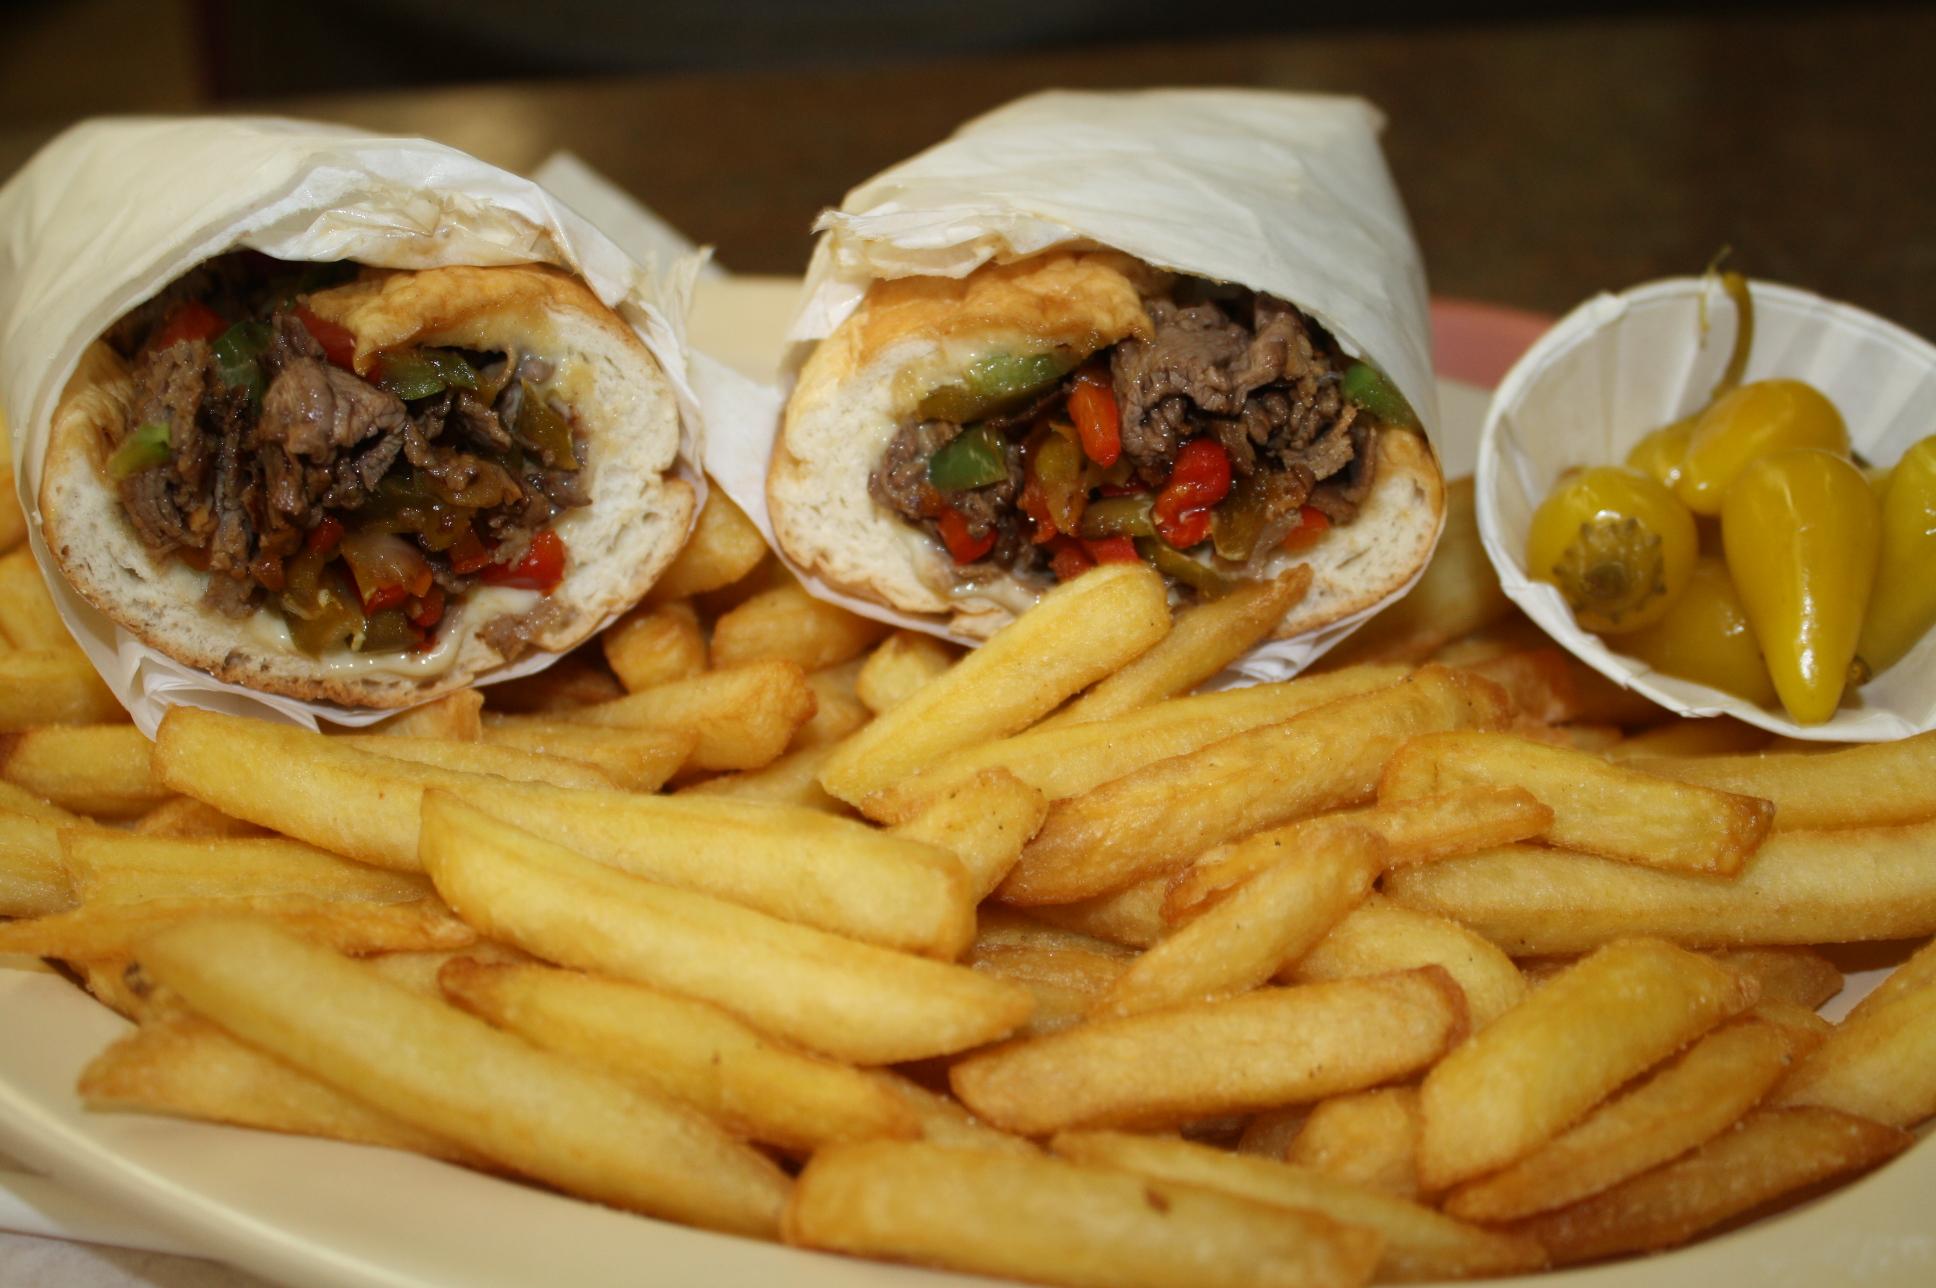 Philly Steak Sándwich es uno de los favoritos en el restaurante. (Foto de Agustín Durán/El pasajero).